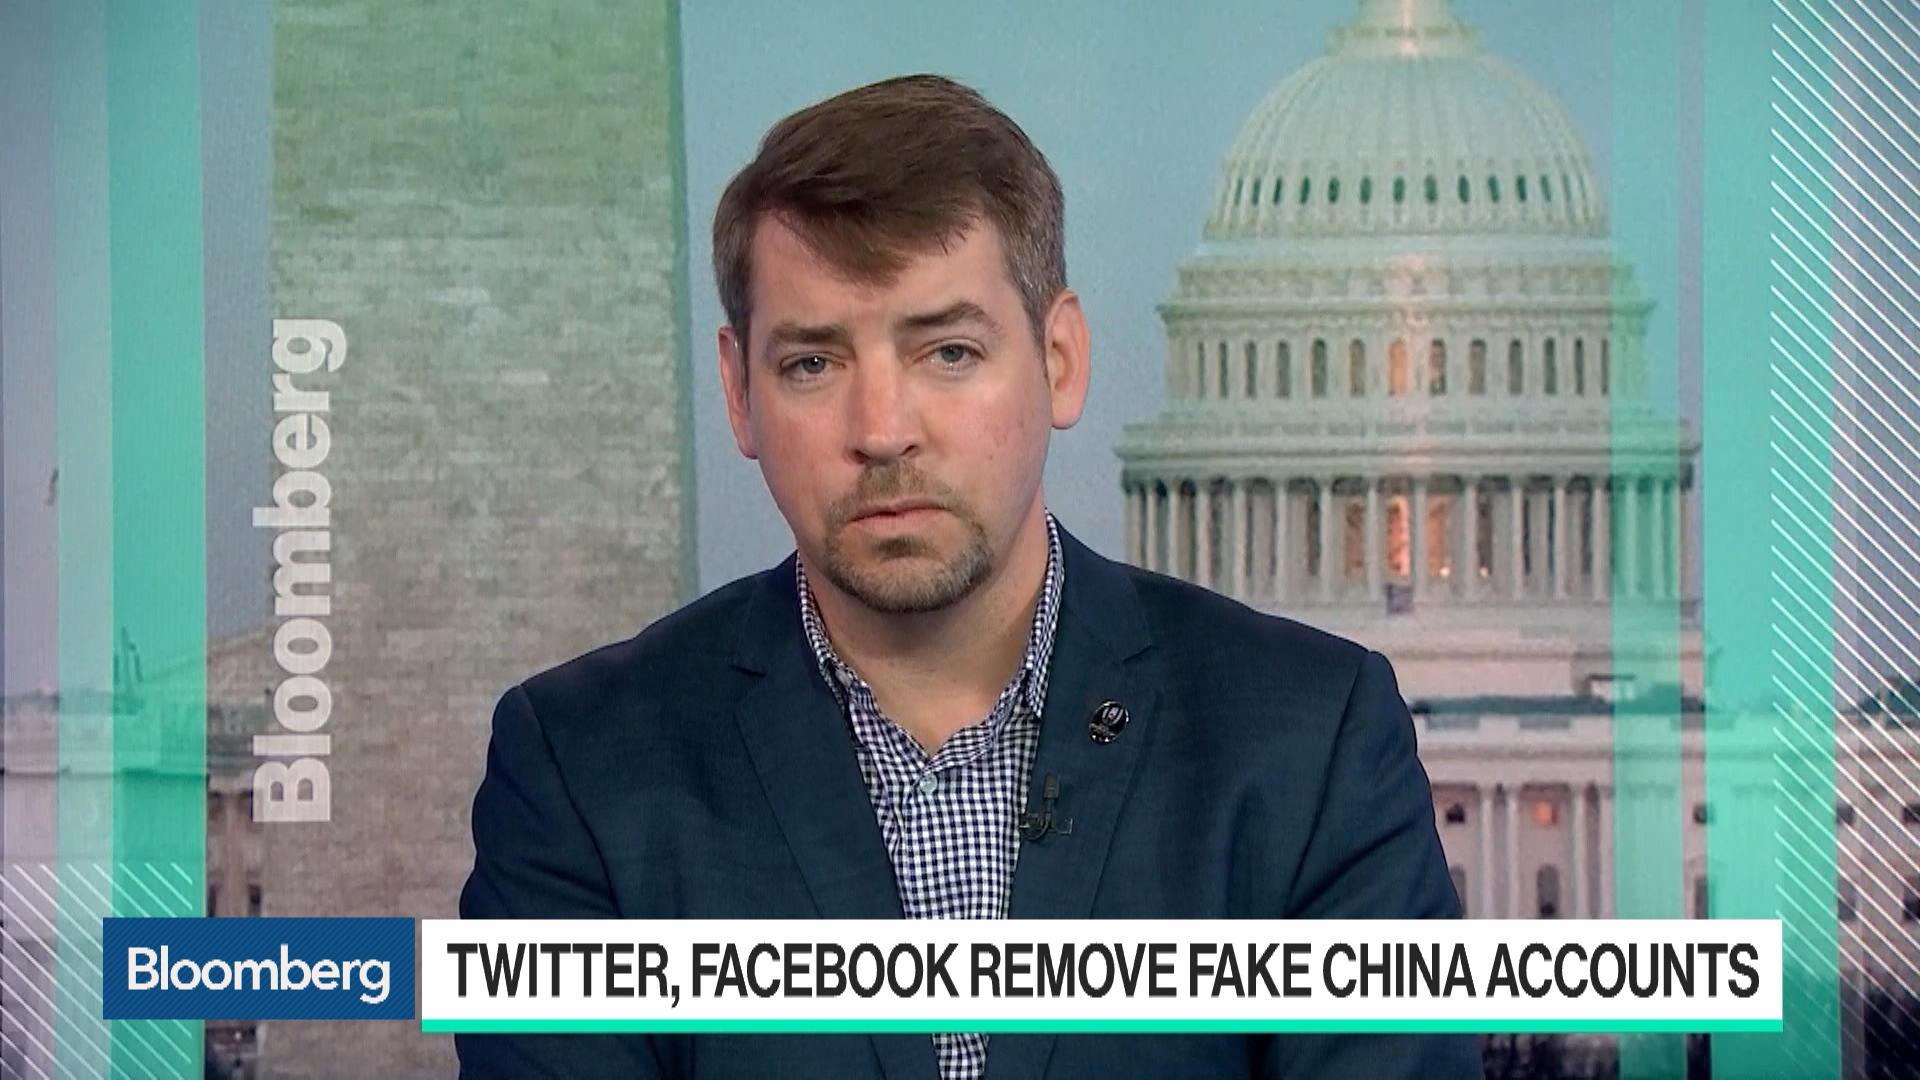 China's Fake Social Media Accounts Could Be Devastating: Brett Bruen